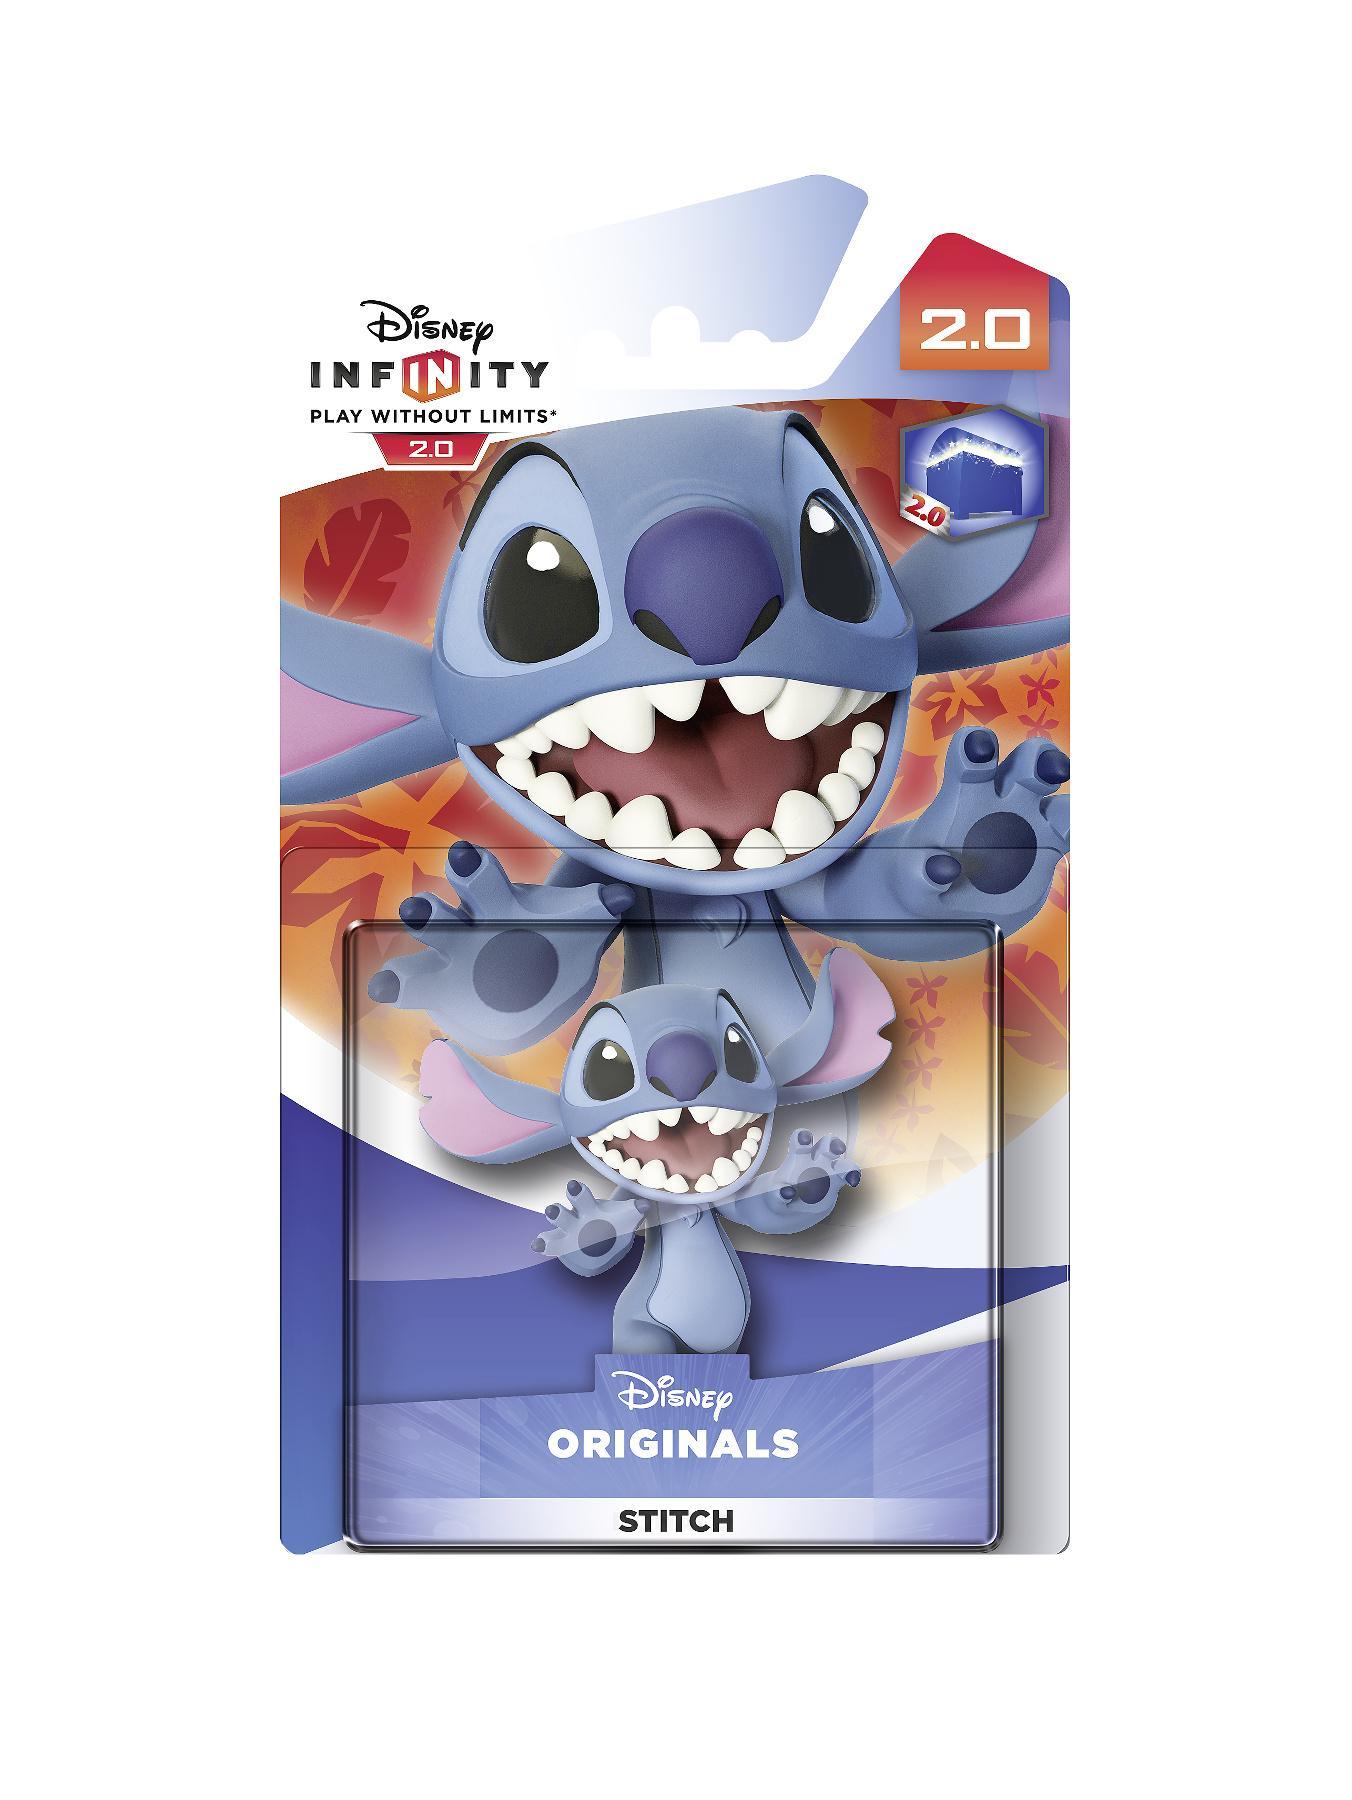 Disney Infinity 2.0 - Stitch Figure